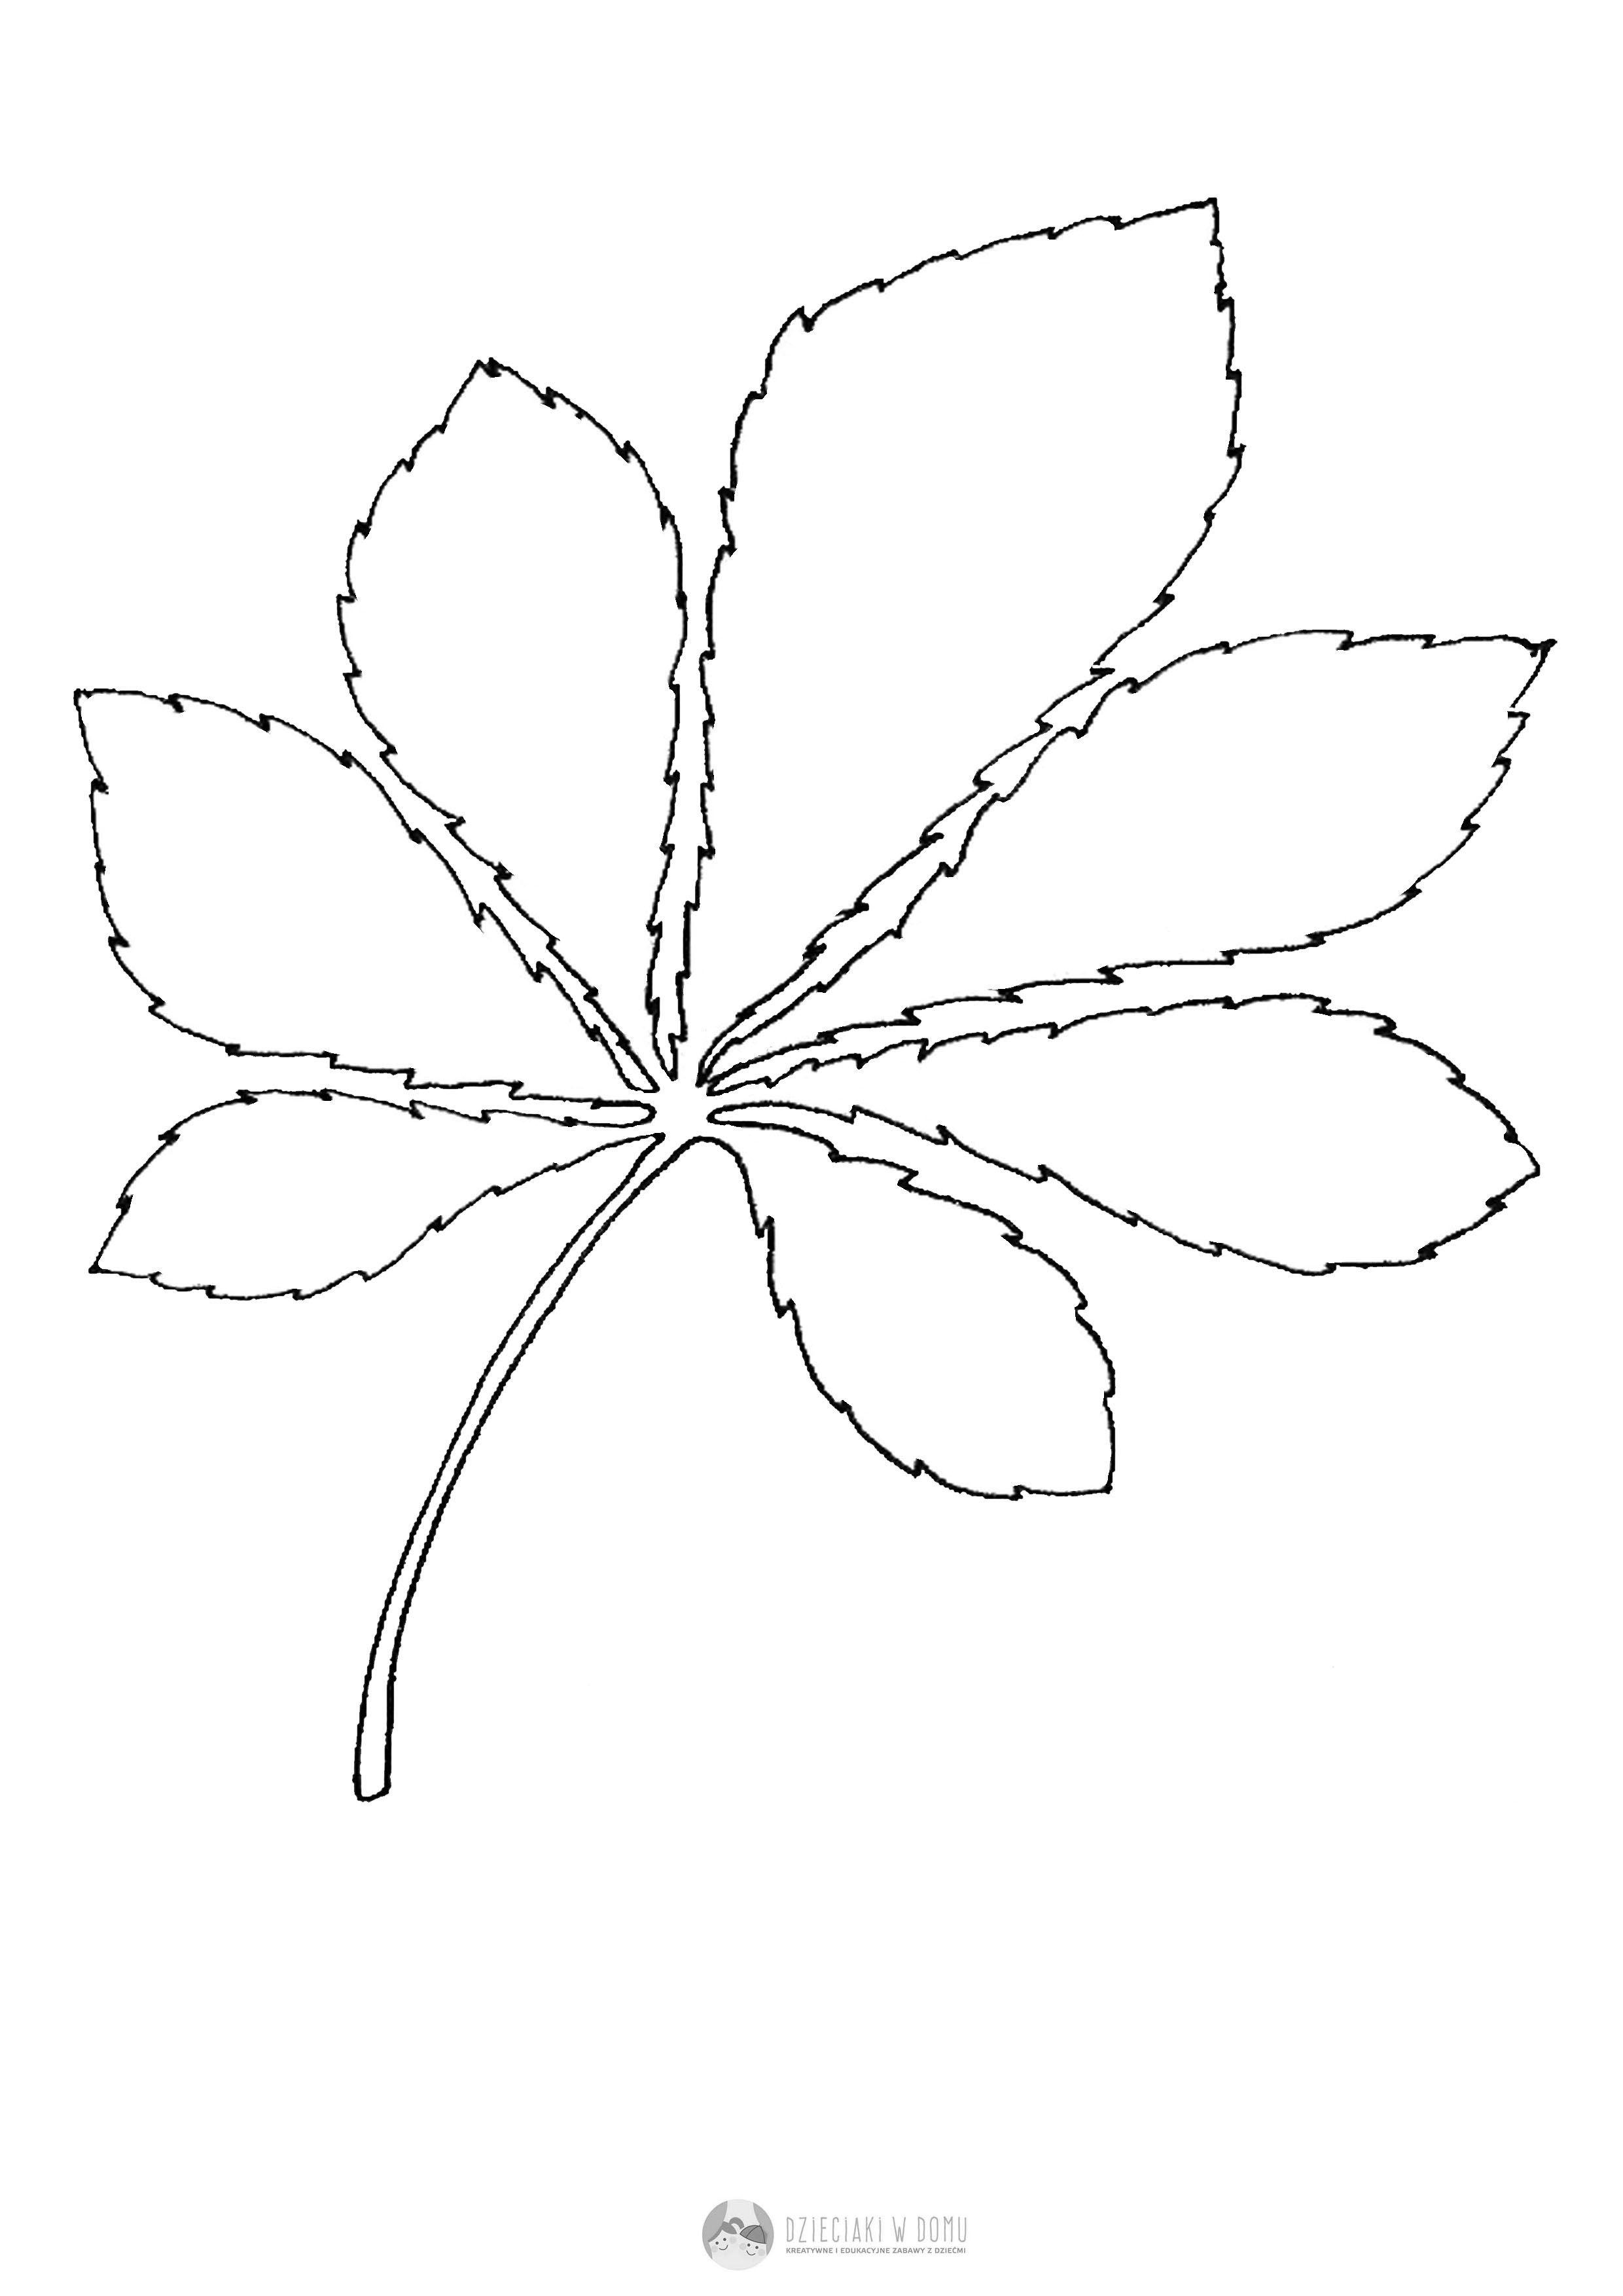 Liscie Drzew Szablony I Karty Pracy Dzieciaki W Domu Quilt Patterns Stencils Diy And Crafts